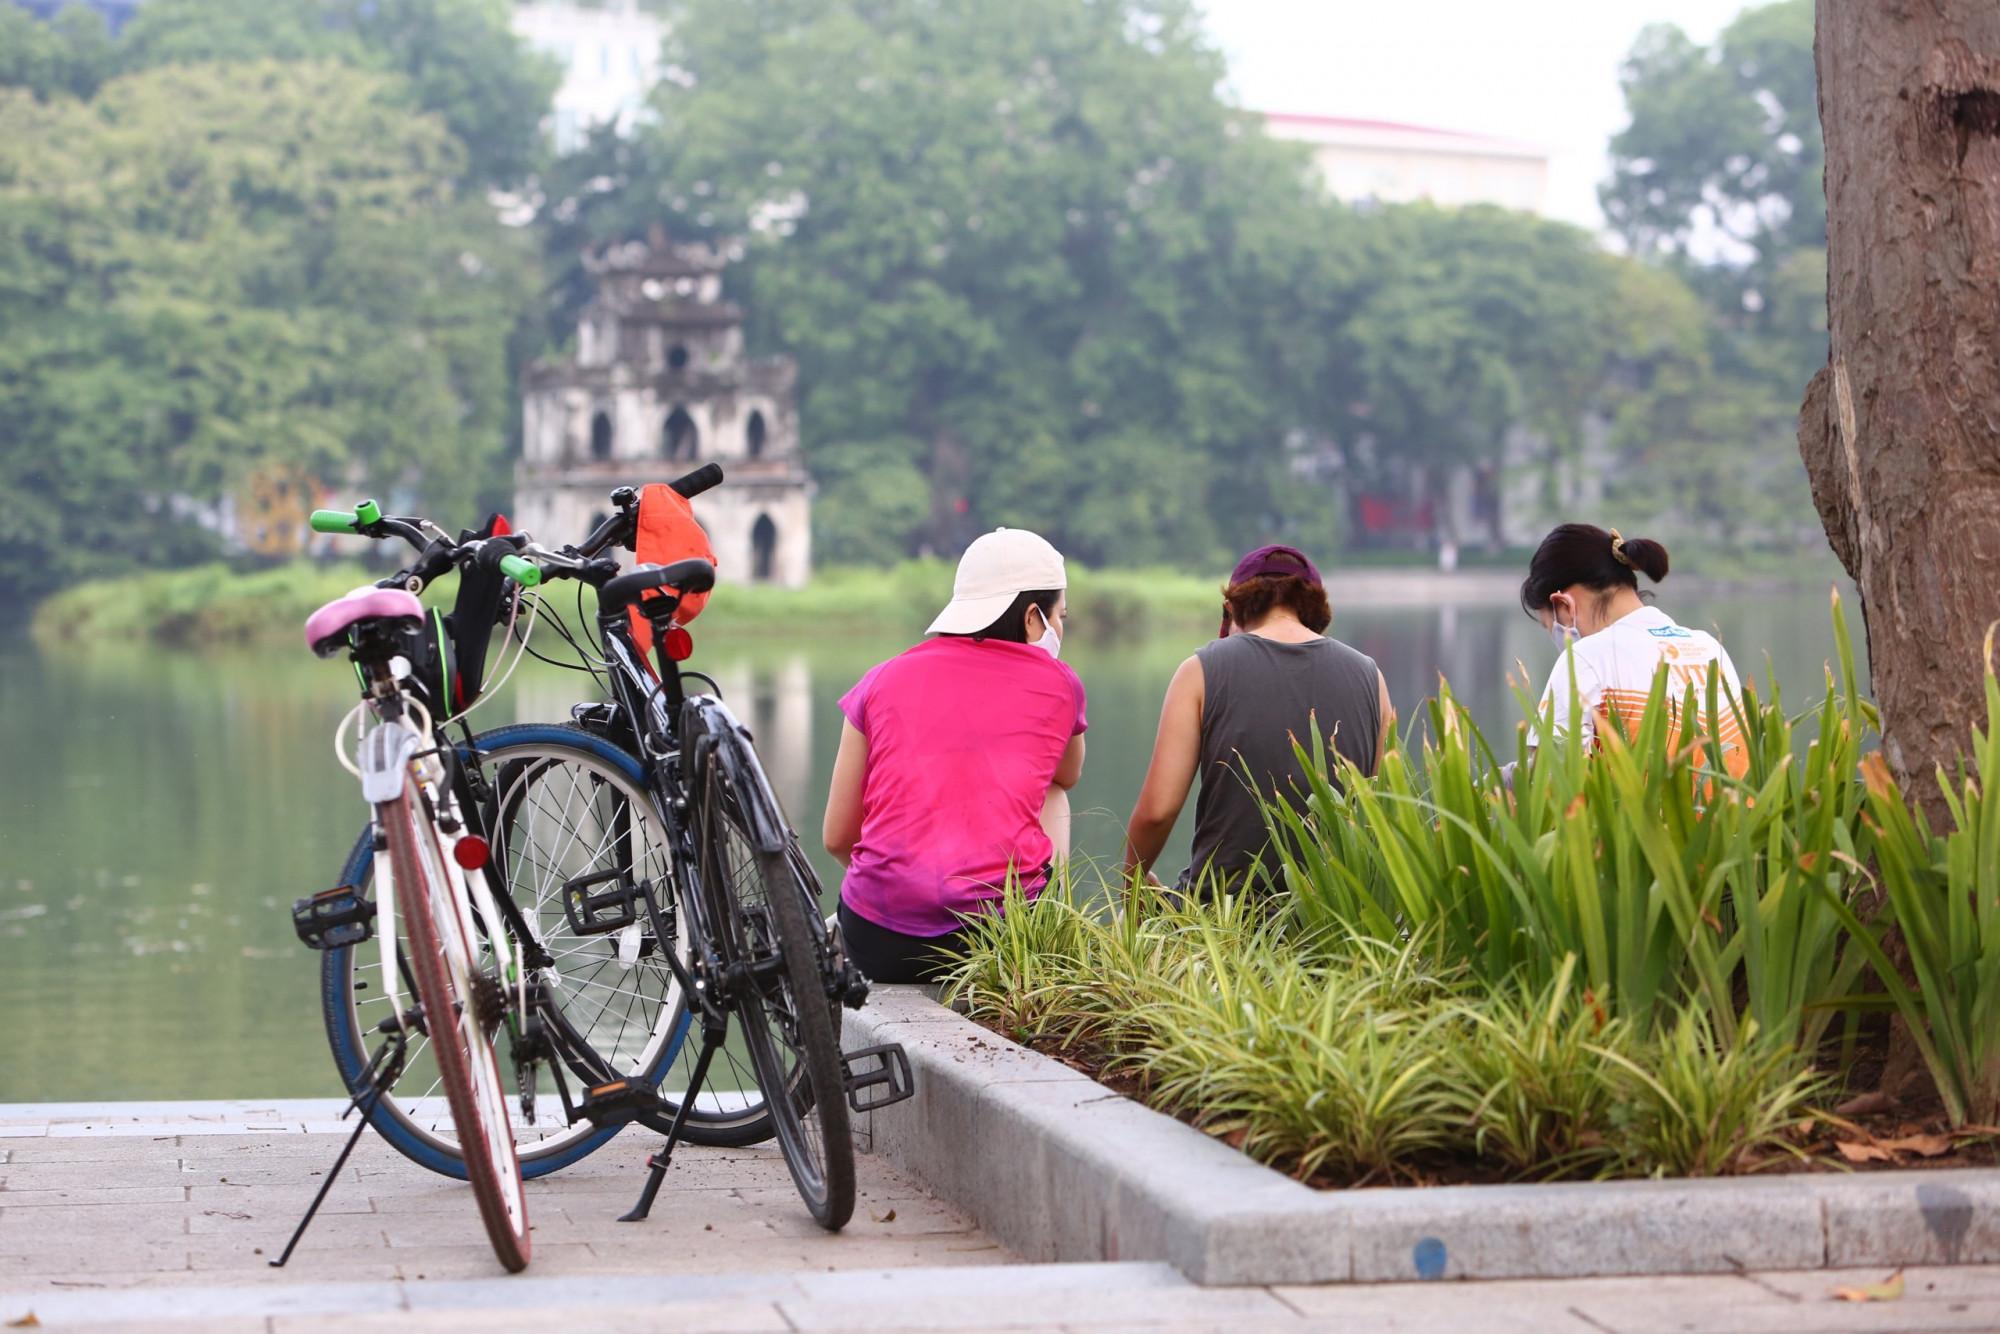 Những hoạt động thể dục, thể thao ngoài trời giúp Hà Nội lấy lại được vẻ đẹp bình yên vốn có sau thời gian dài giãn cách để phòng chống dịch COVID-19 lây lan.